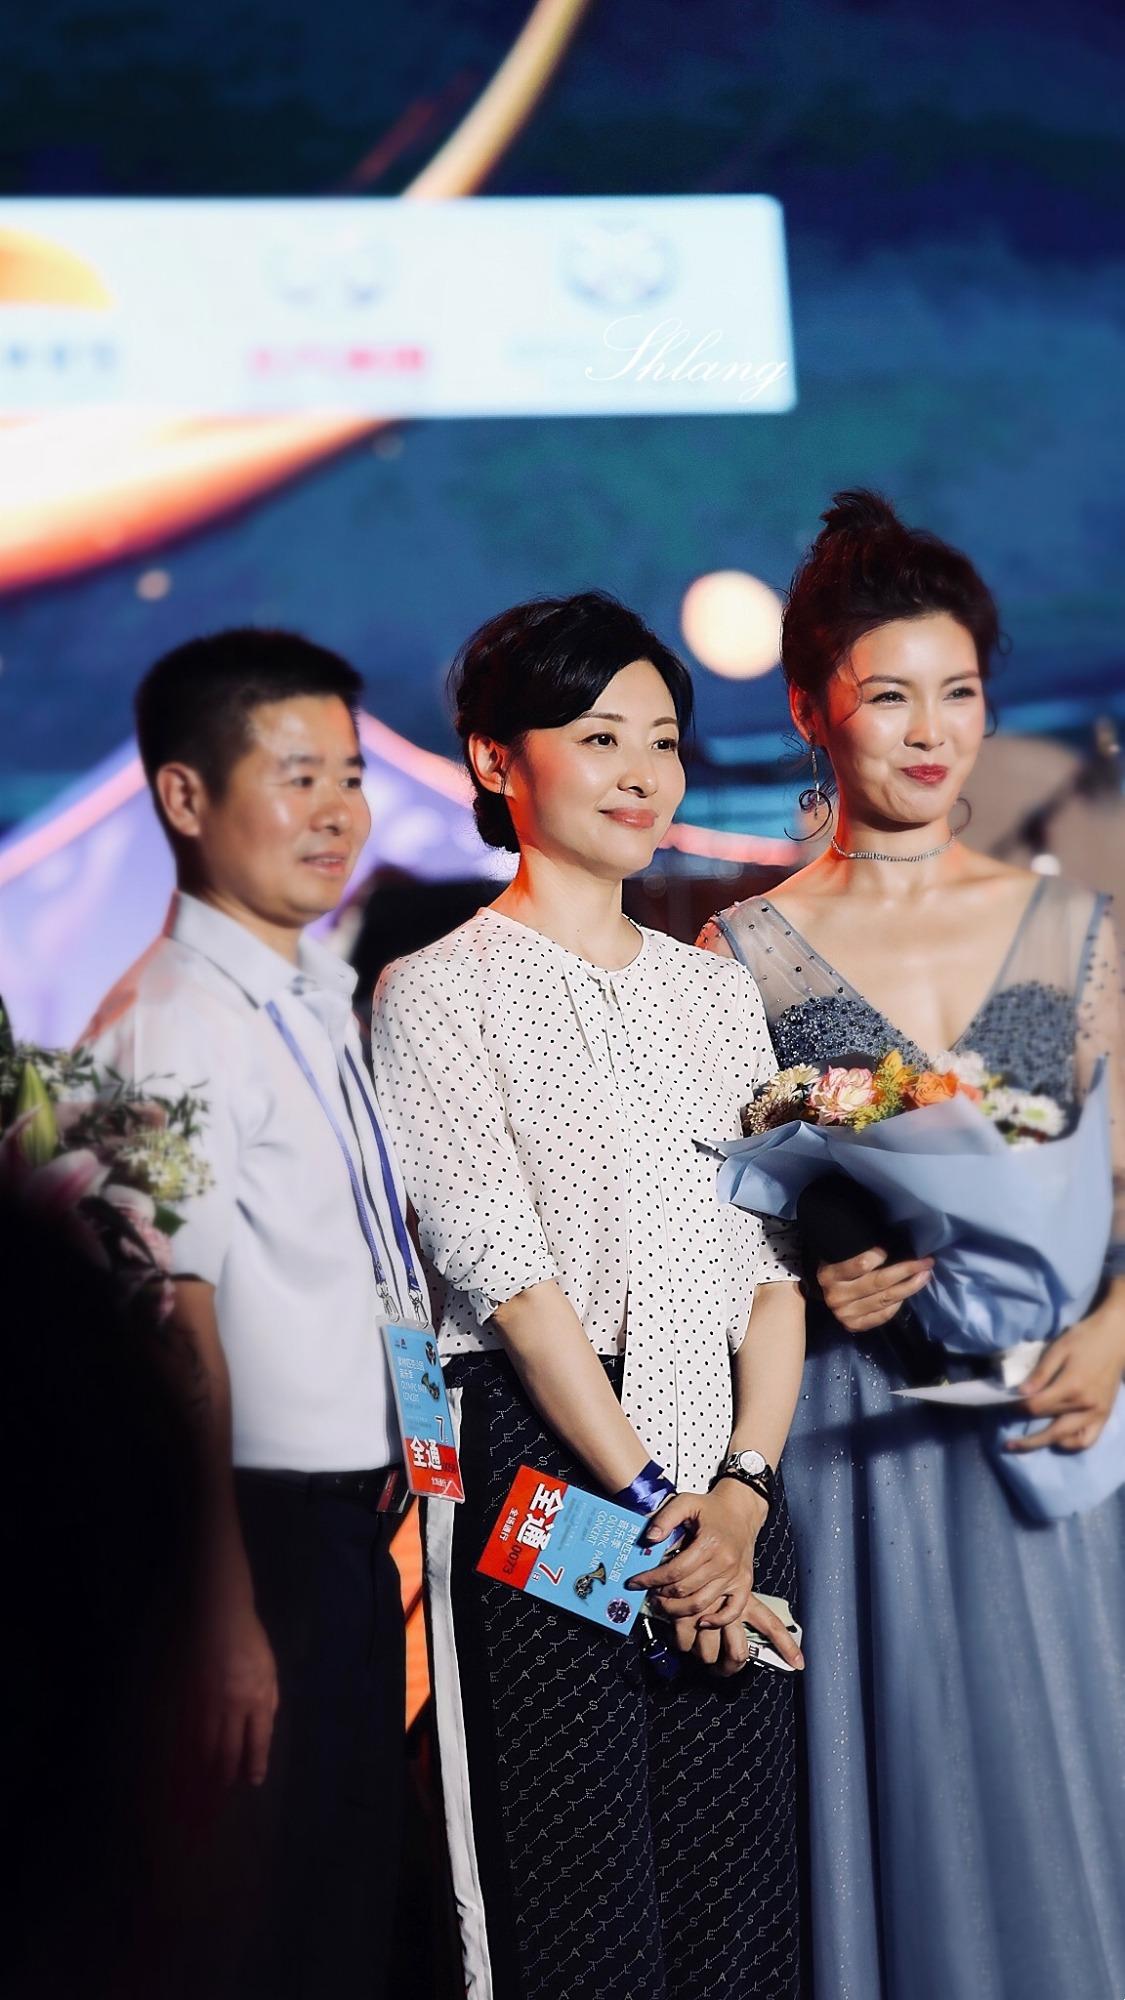 周涛现身70周年国庆彩排,霸气红裙配驴蹄鞋,51岁的腰细得不真实